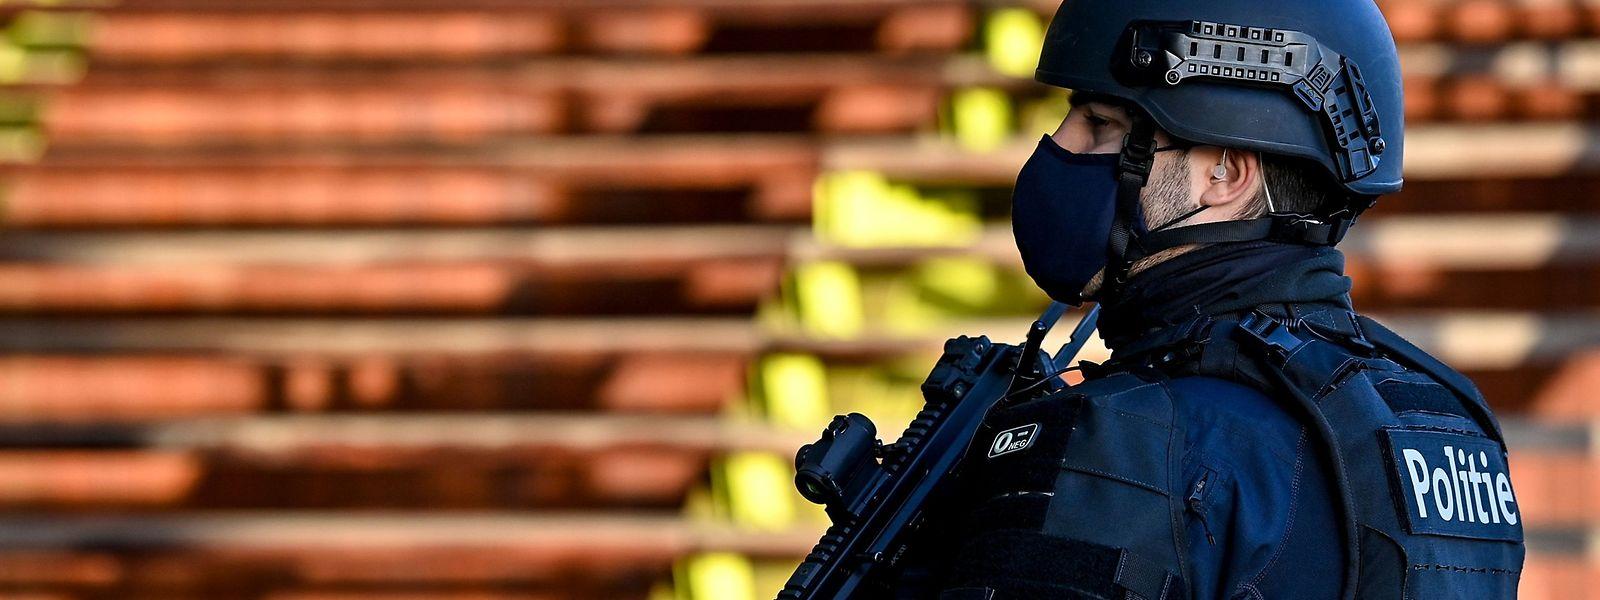 Bewaffnete Polizisten patrouillieren am Donnerstag vor dem Justizpalast.